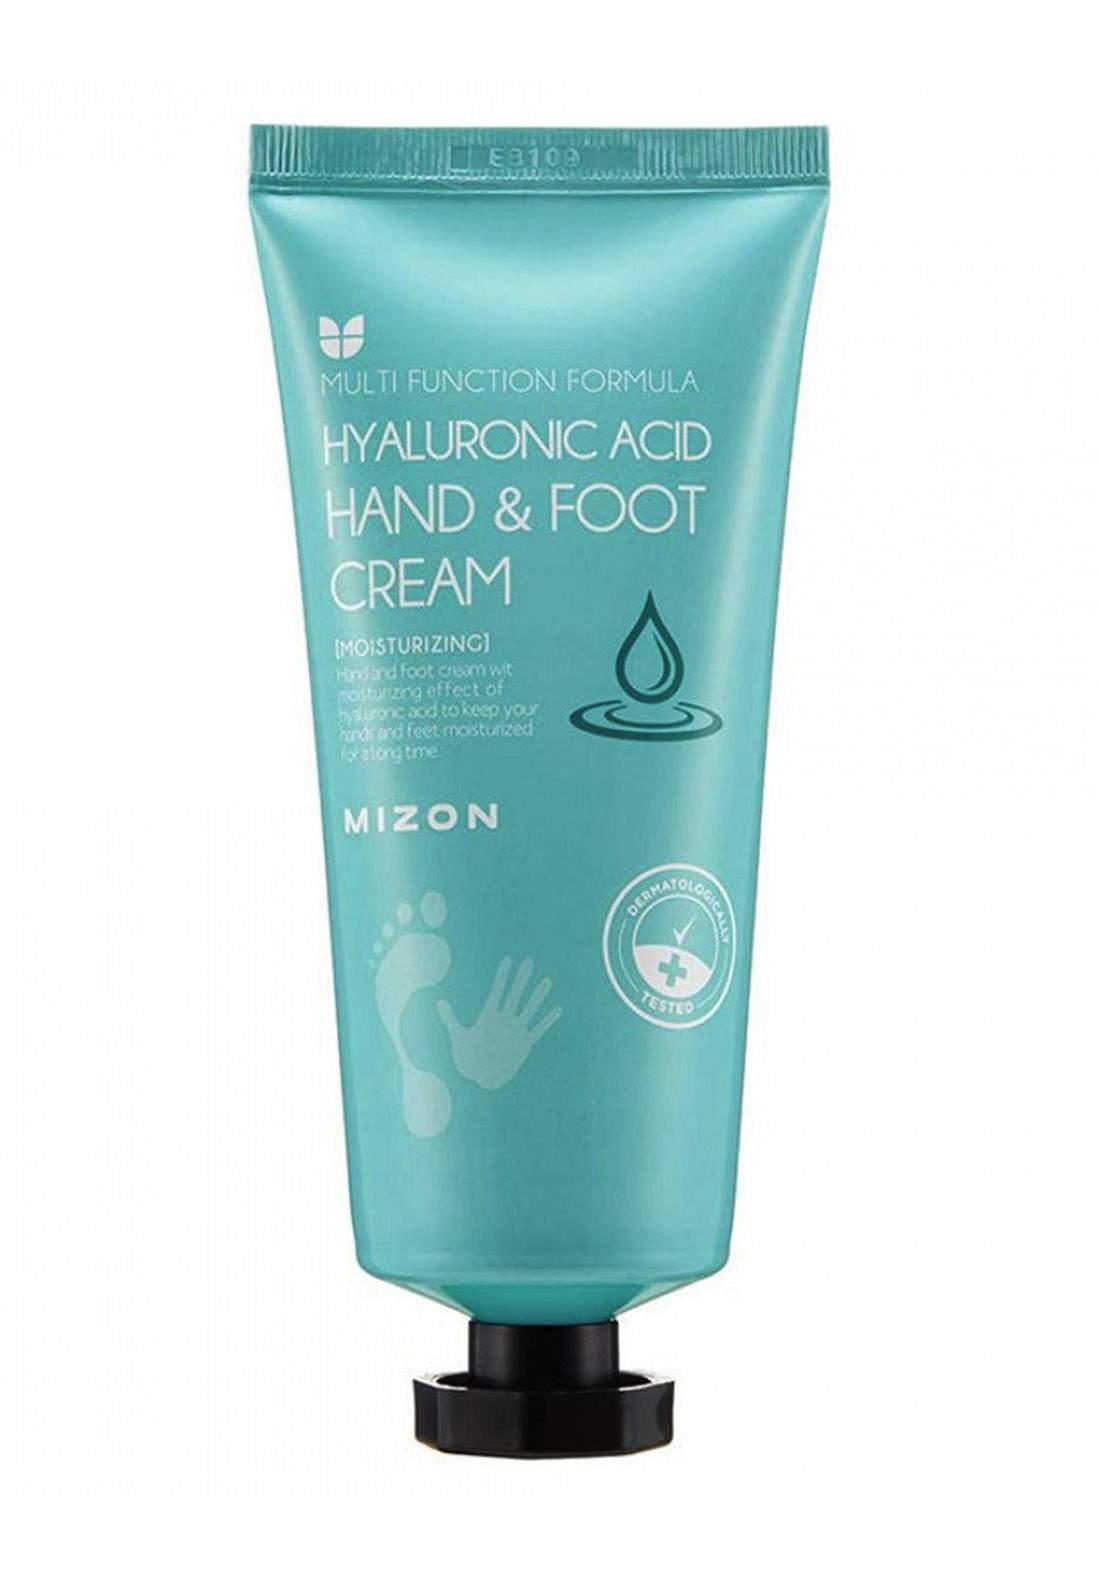 Mizon Hyaluronic Acid Hand & Foot Cream 100ml كريم لليدين والقدمين